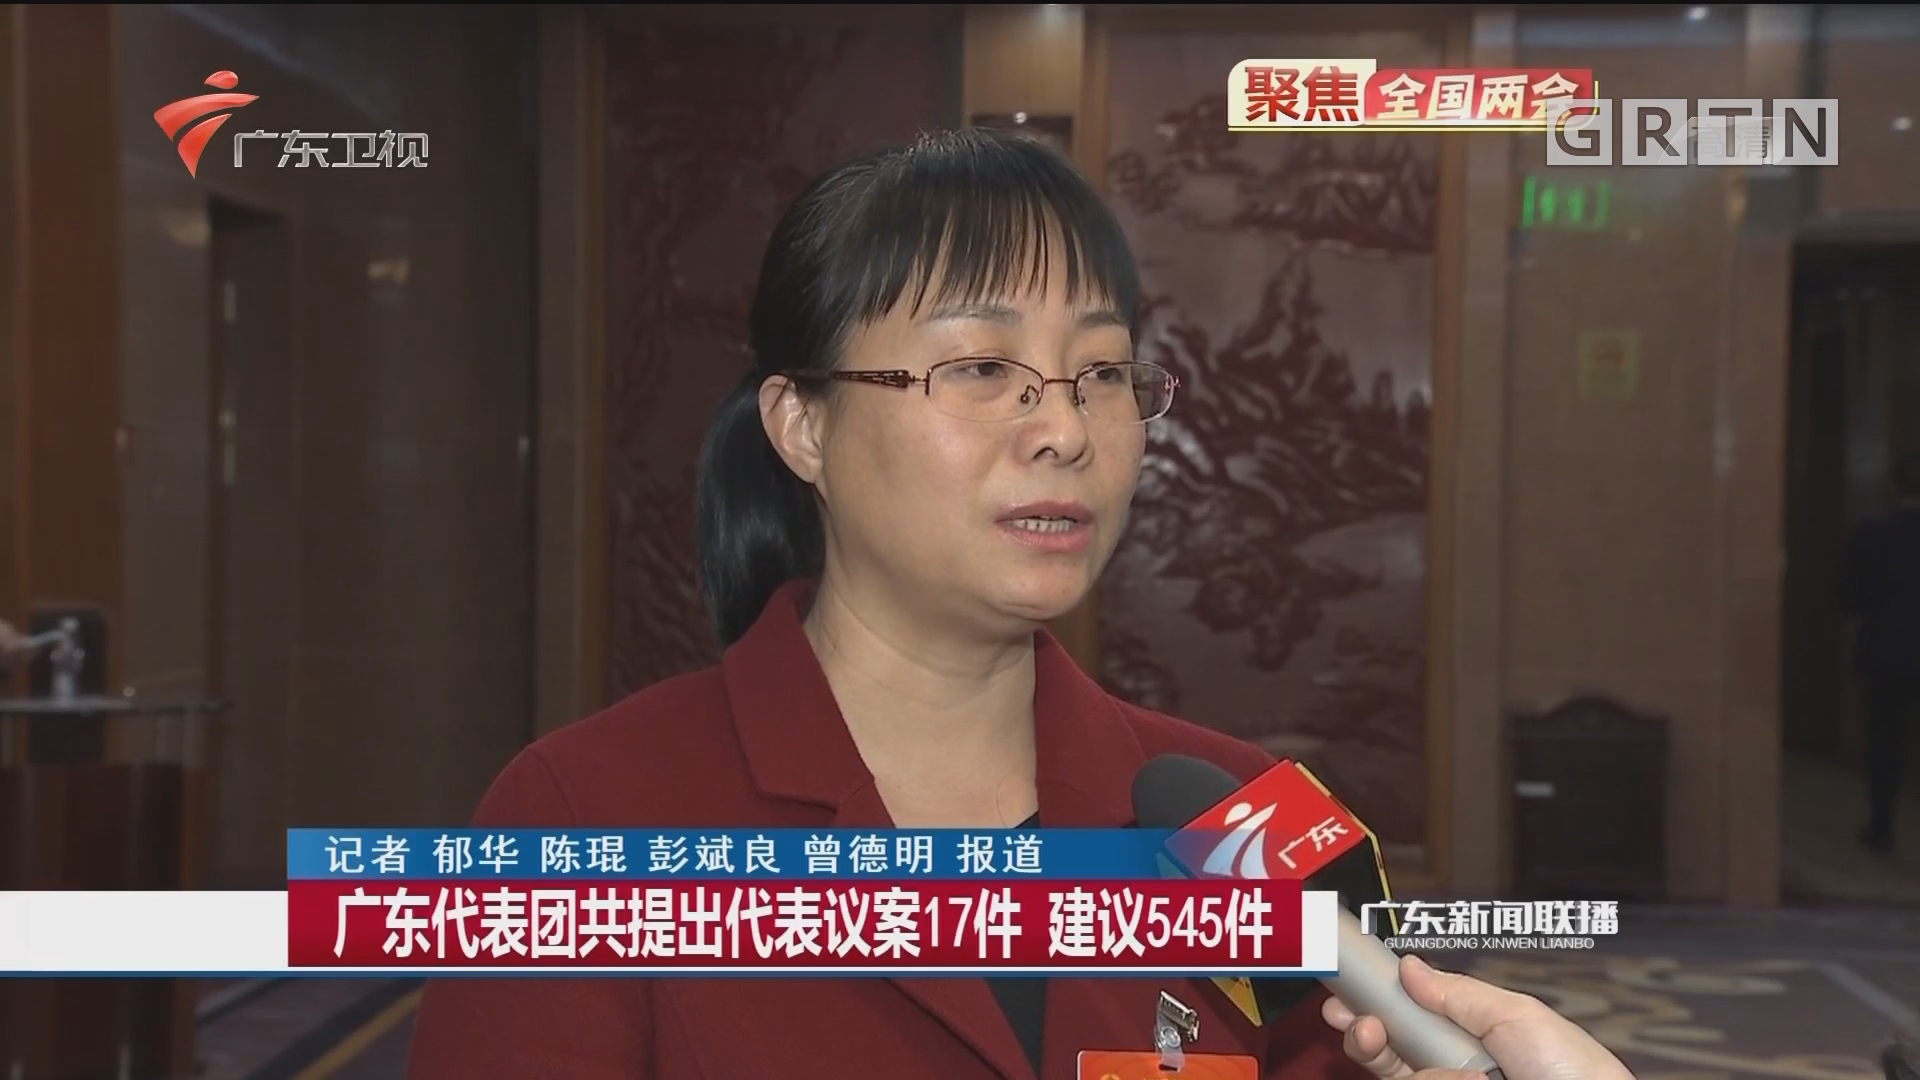 广东代表团共提出代表议案17件 建议545件